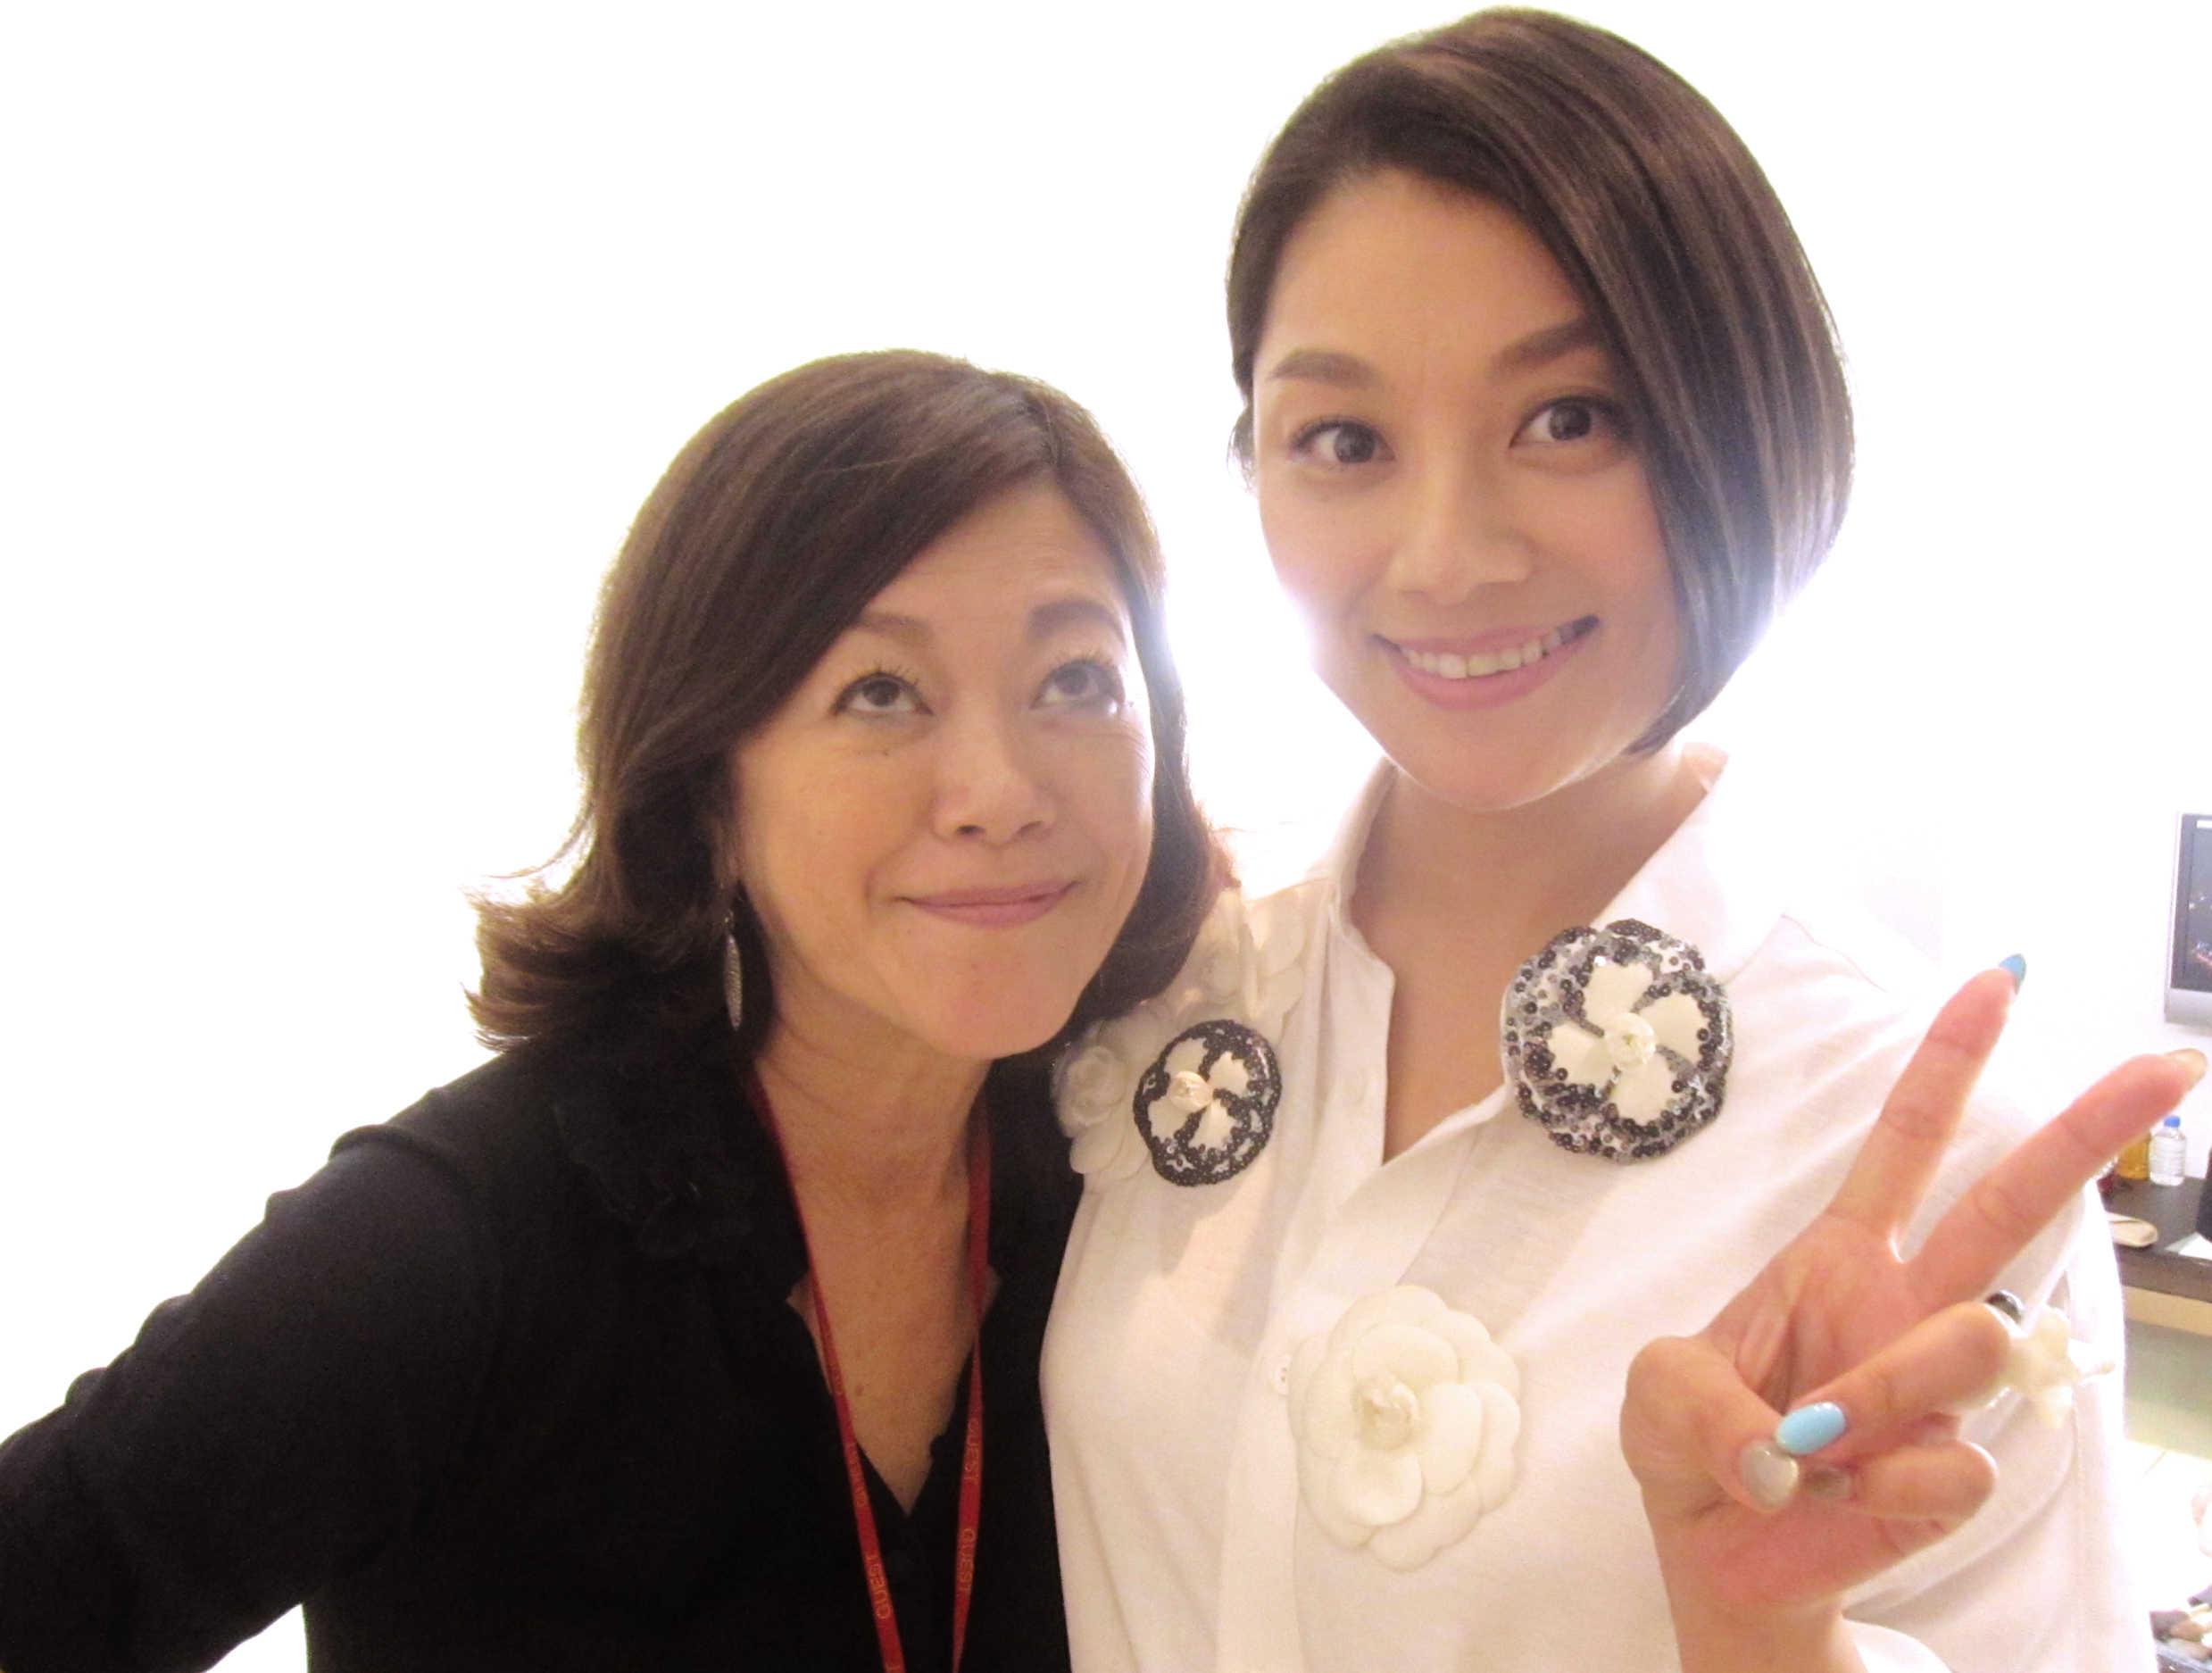 小池栄子姫が髪を切ったぜ♪_d0339889_11554407.jpg